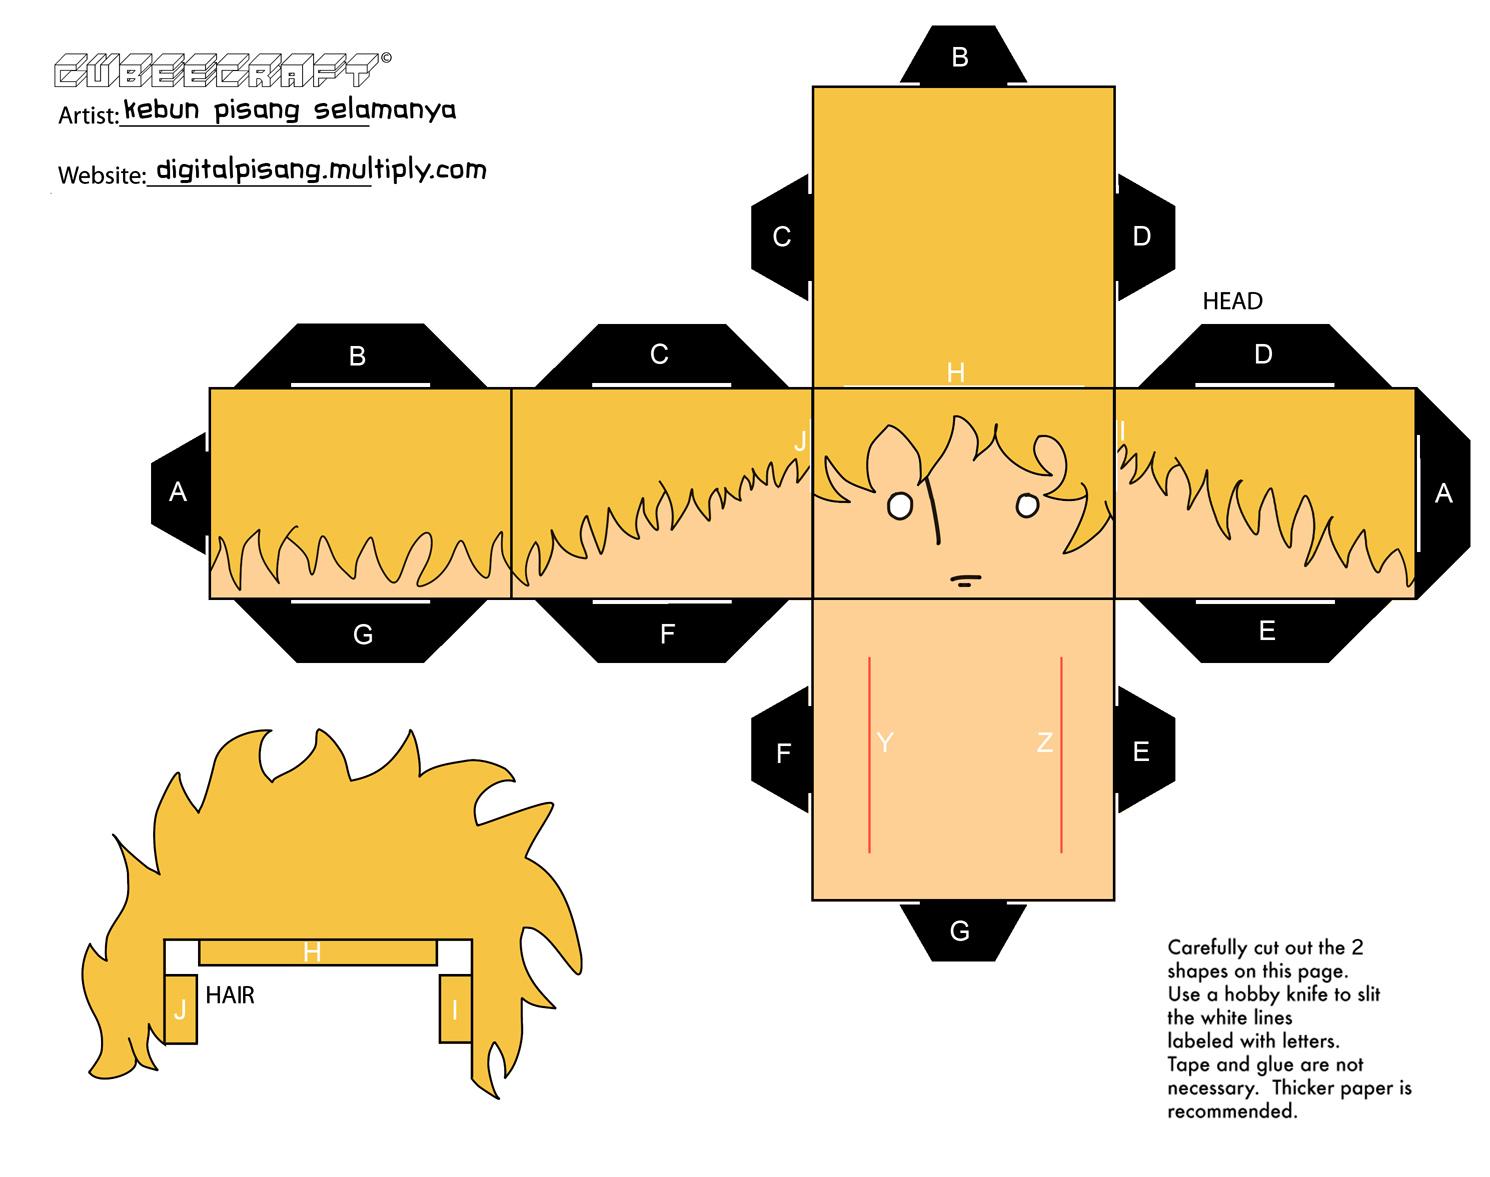 The Simpsons 3d Wallpaper Minha Festinha Fa 231 A Voc 234 Mesma Pequeno Pr 237 Ncipe